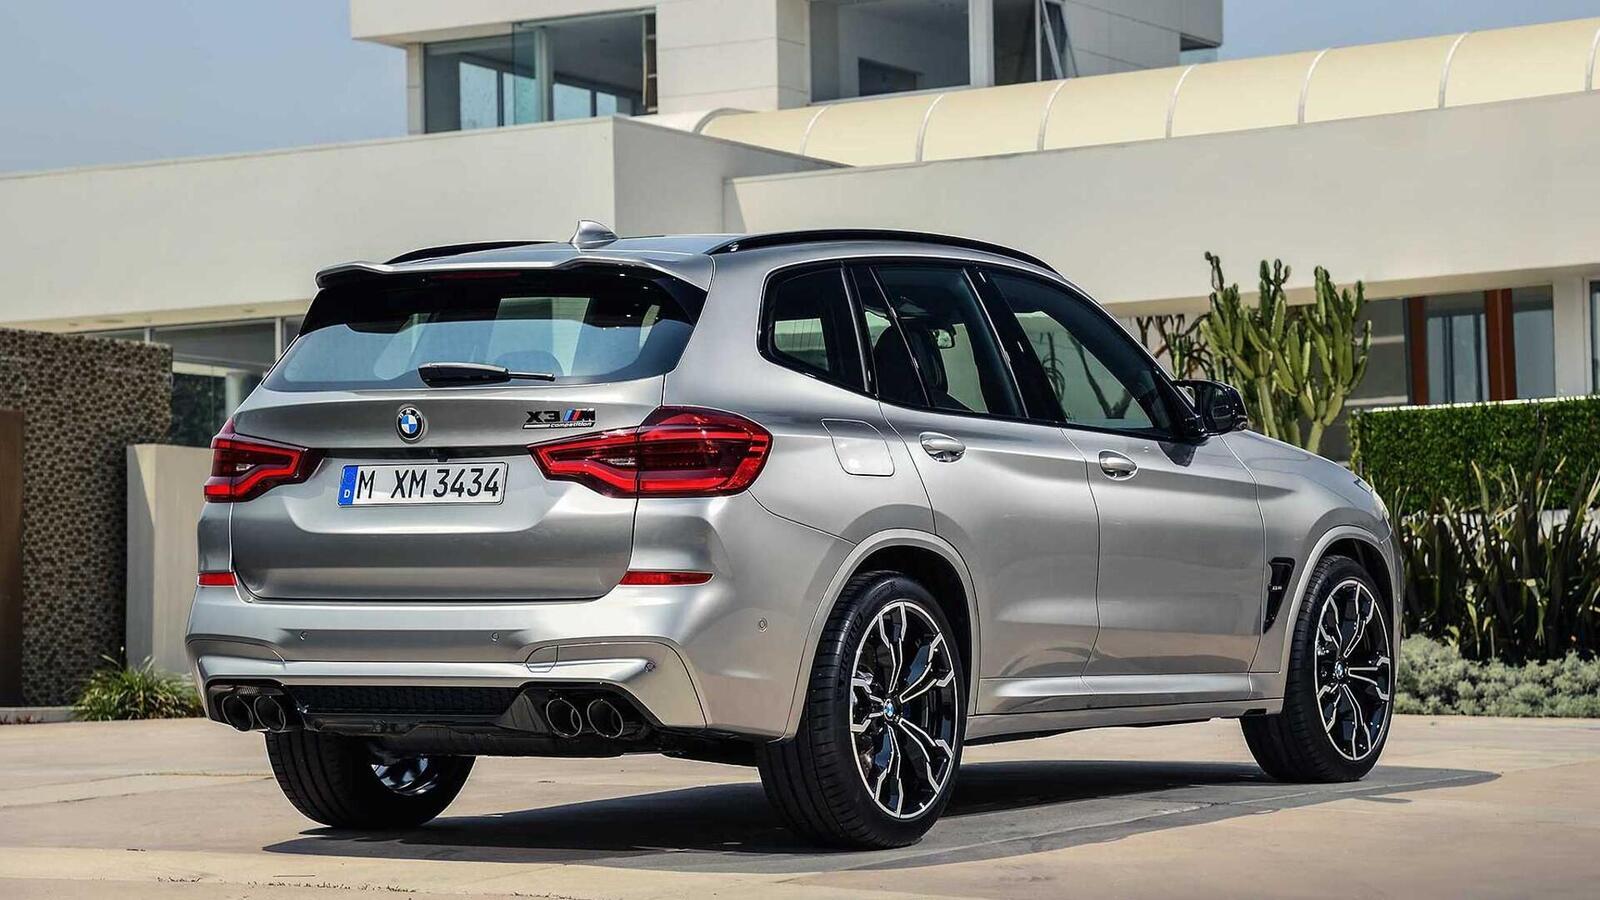 BMW X3 M và X4 M 2020 chính thức ra mắt: Mang trong mình sức mạnh từ 473 - 503 mã lực - Hình 21